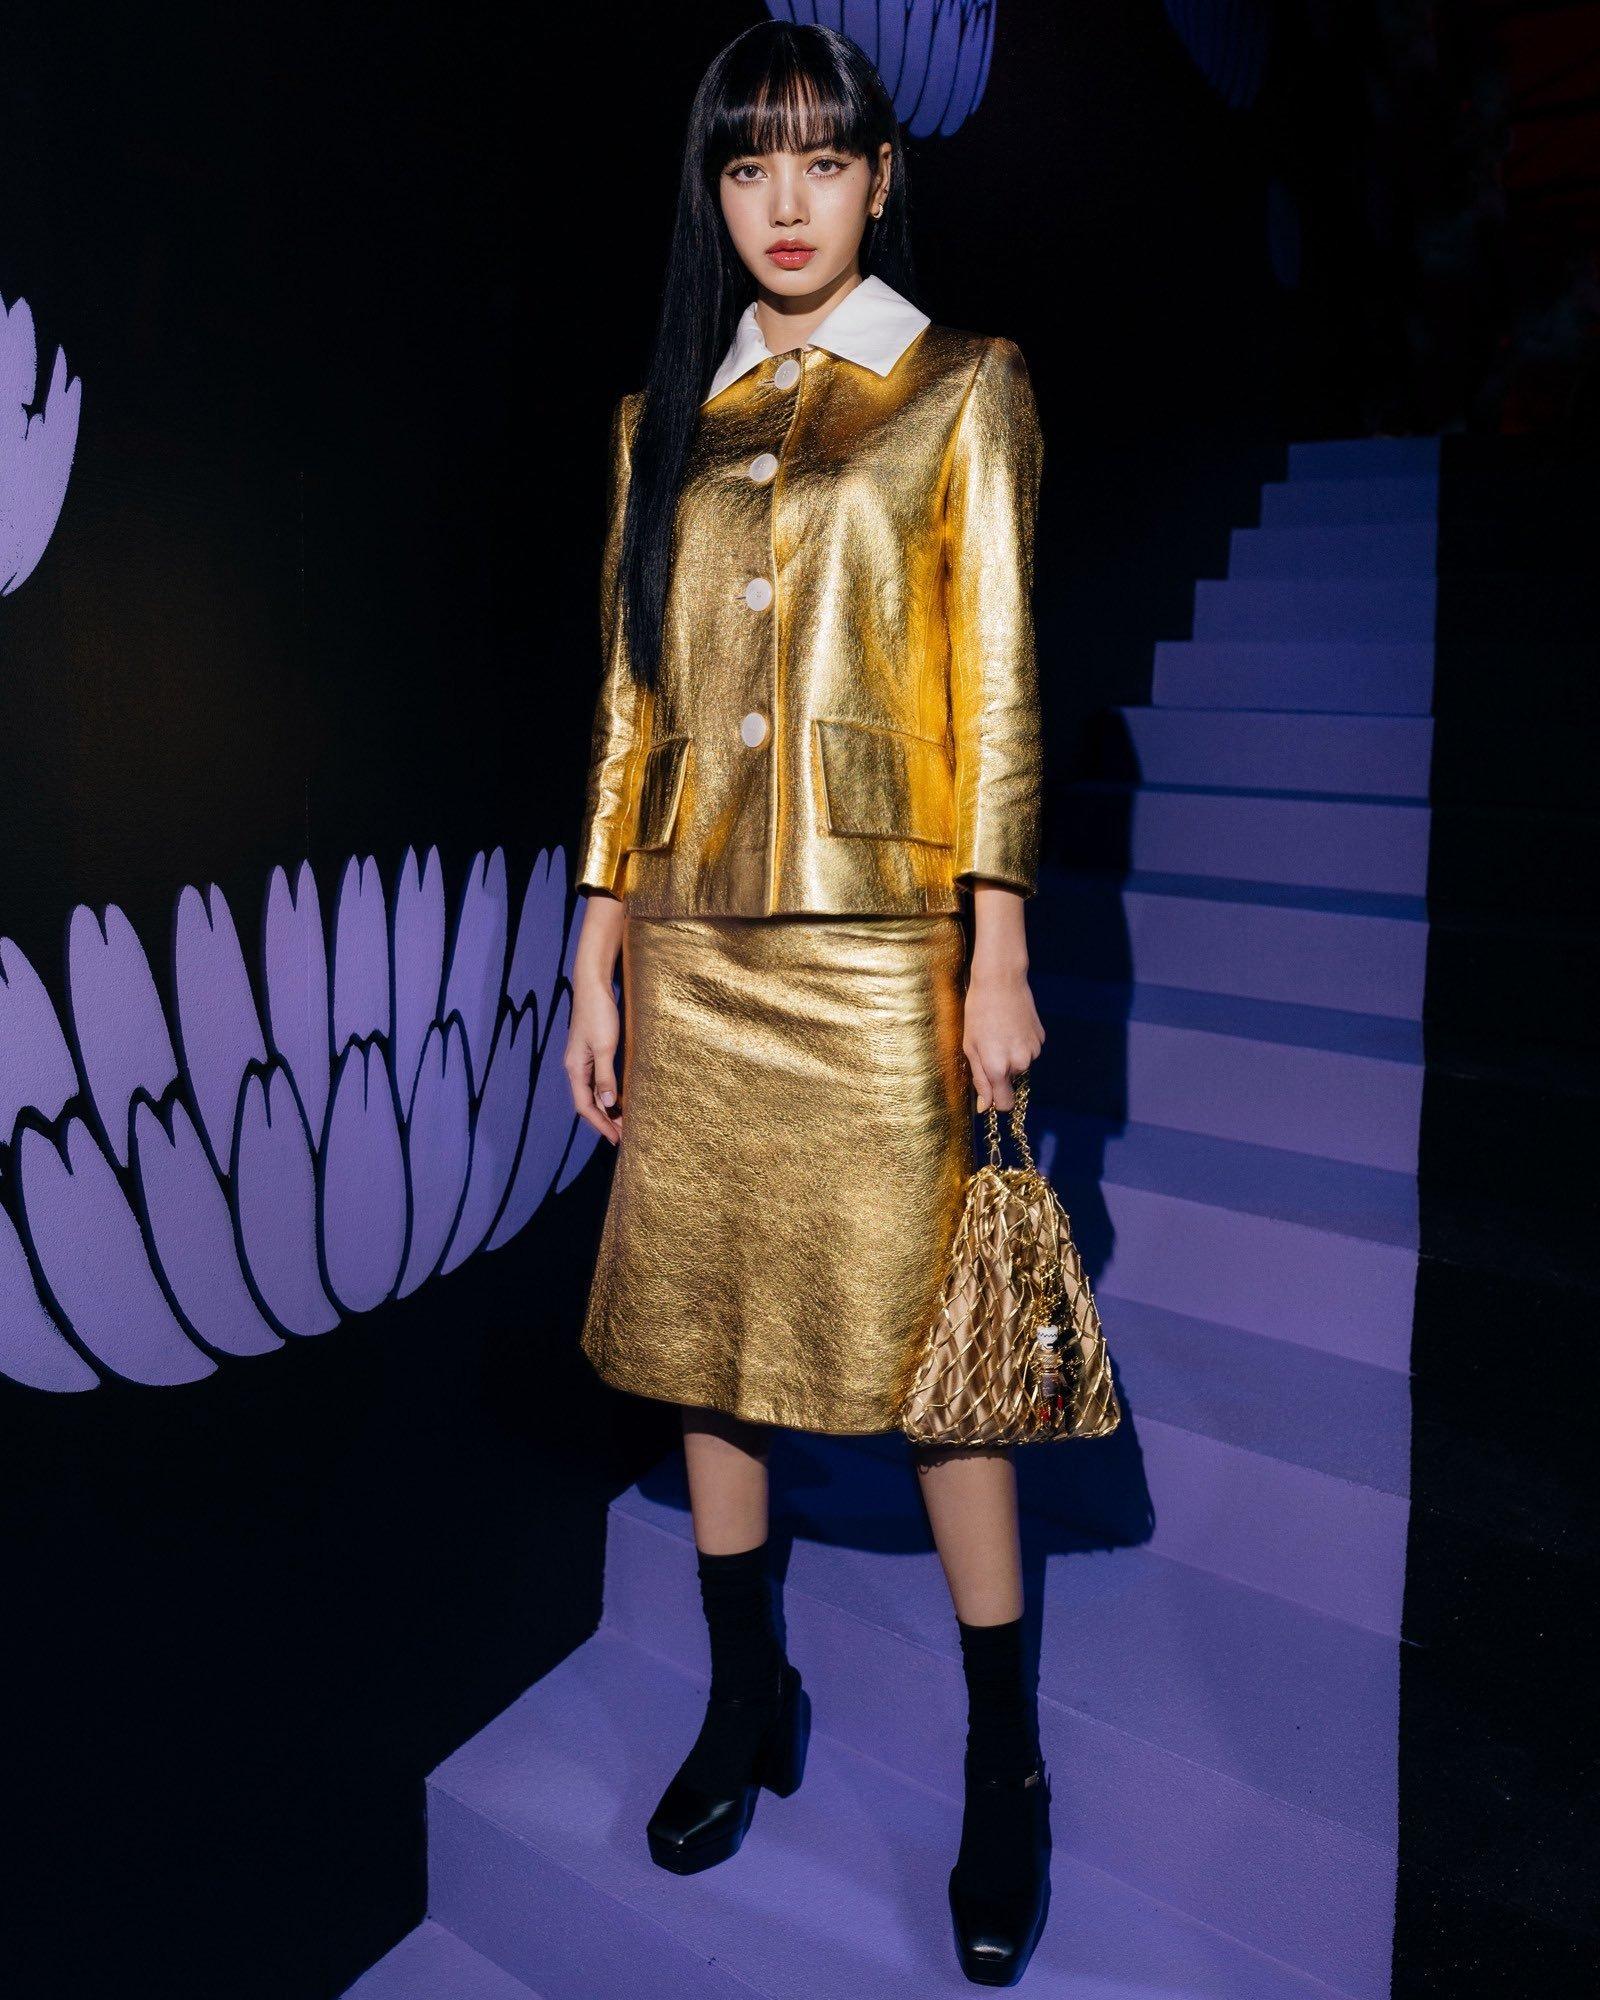 Lisa diện đầm ánh kim tại buổi trình diễn BST Thu - Đông 2020 của Prada